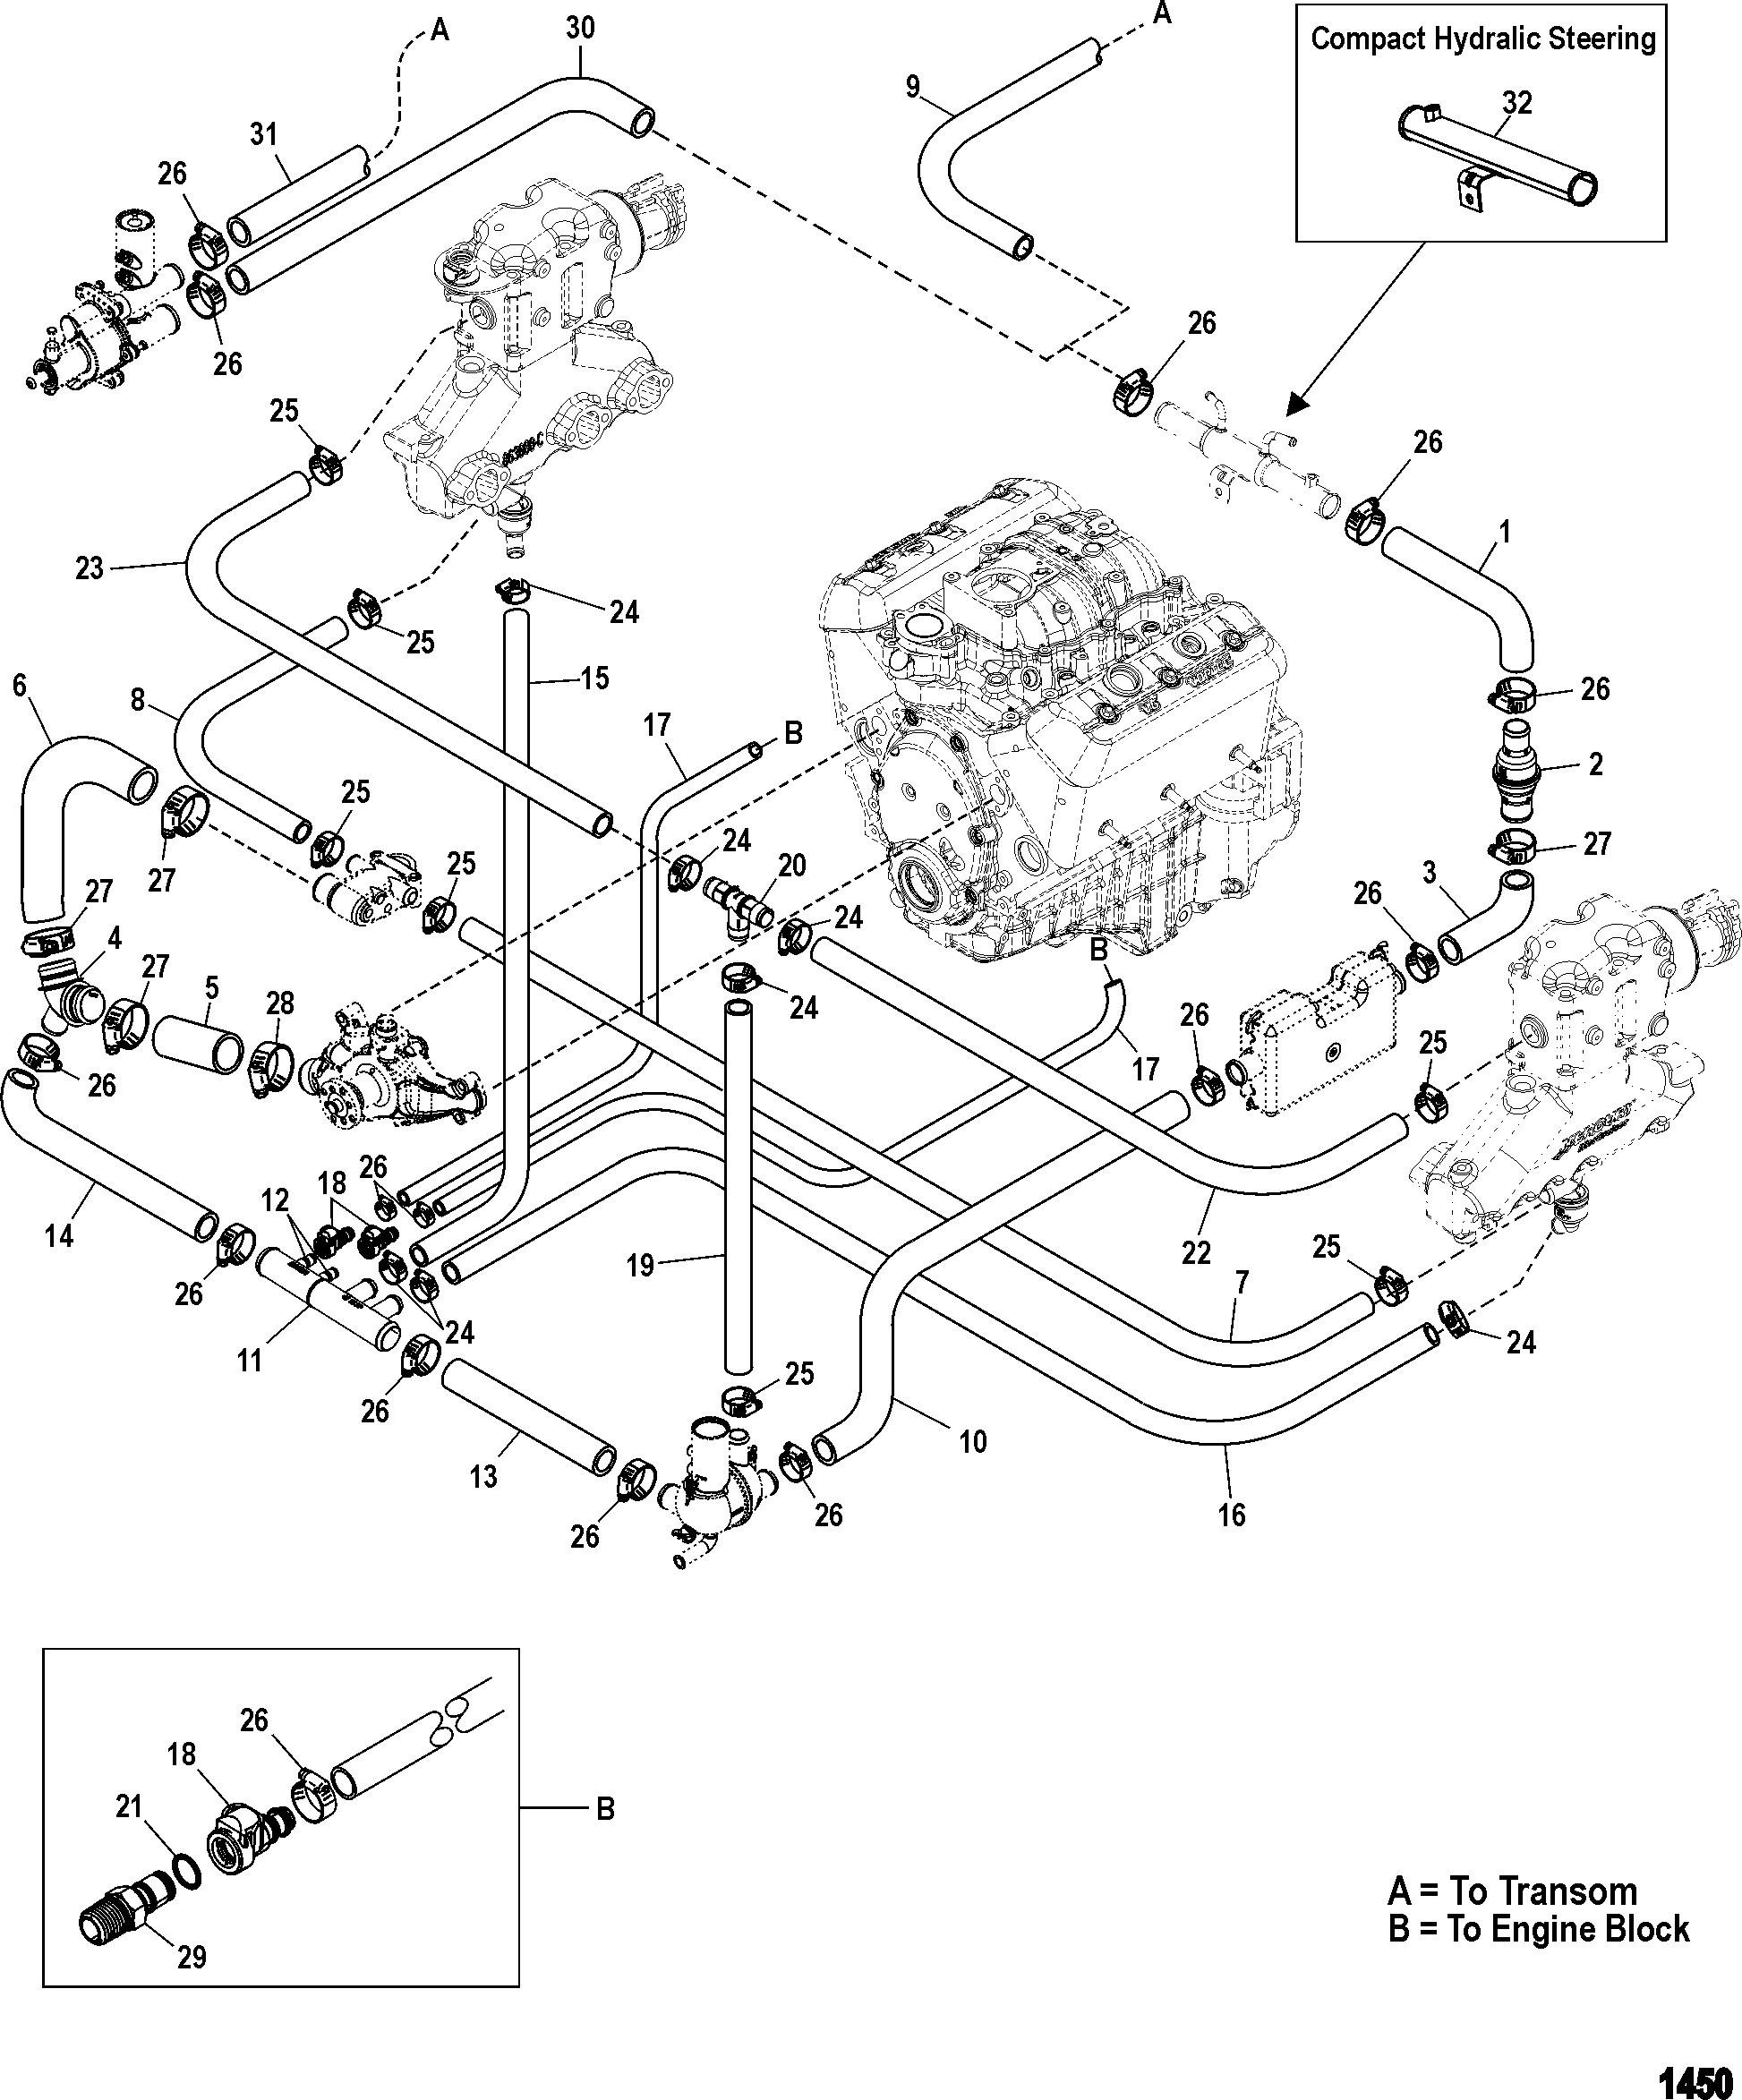 Spark Plug Wiring Diagram Chevy 4 3 V6